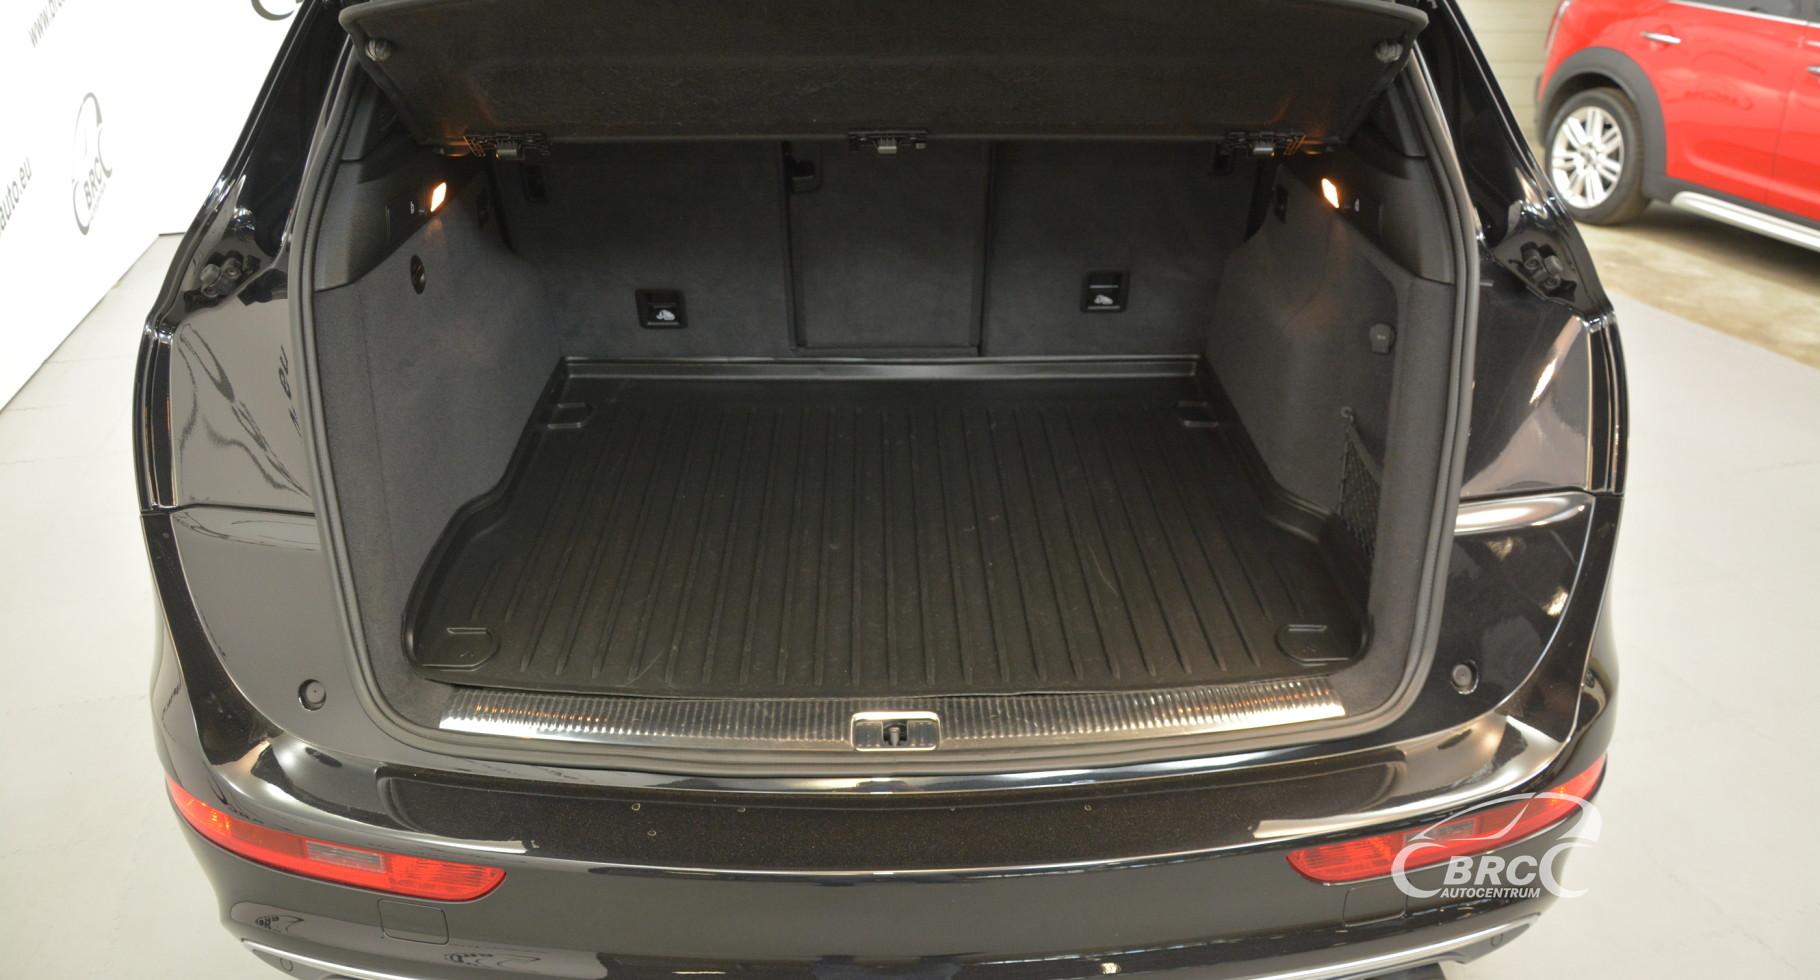 Audi SQ5 3.0 TFSI Quattro Automatas